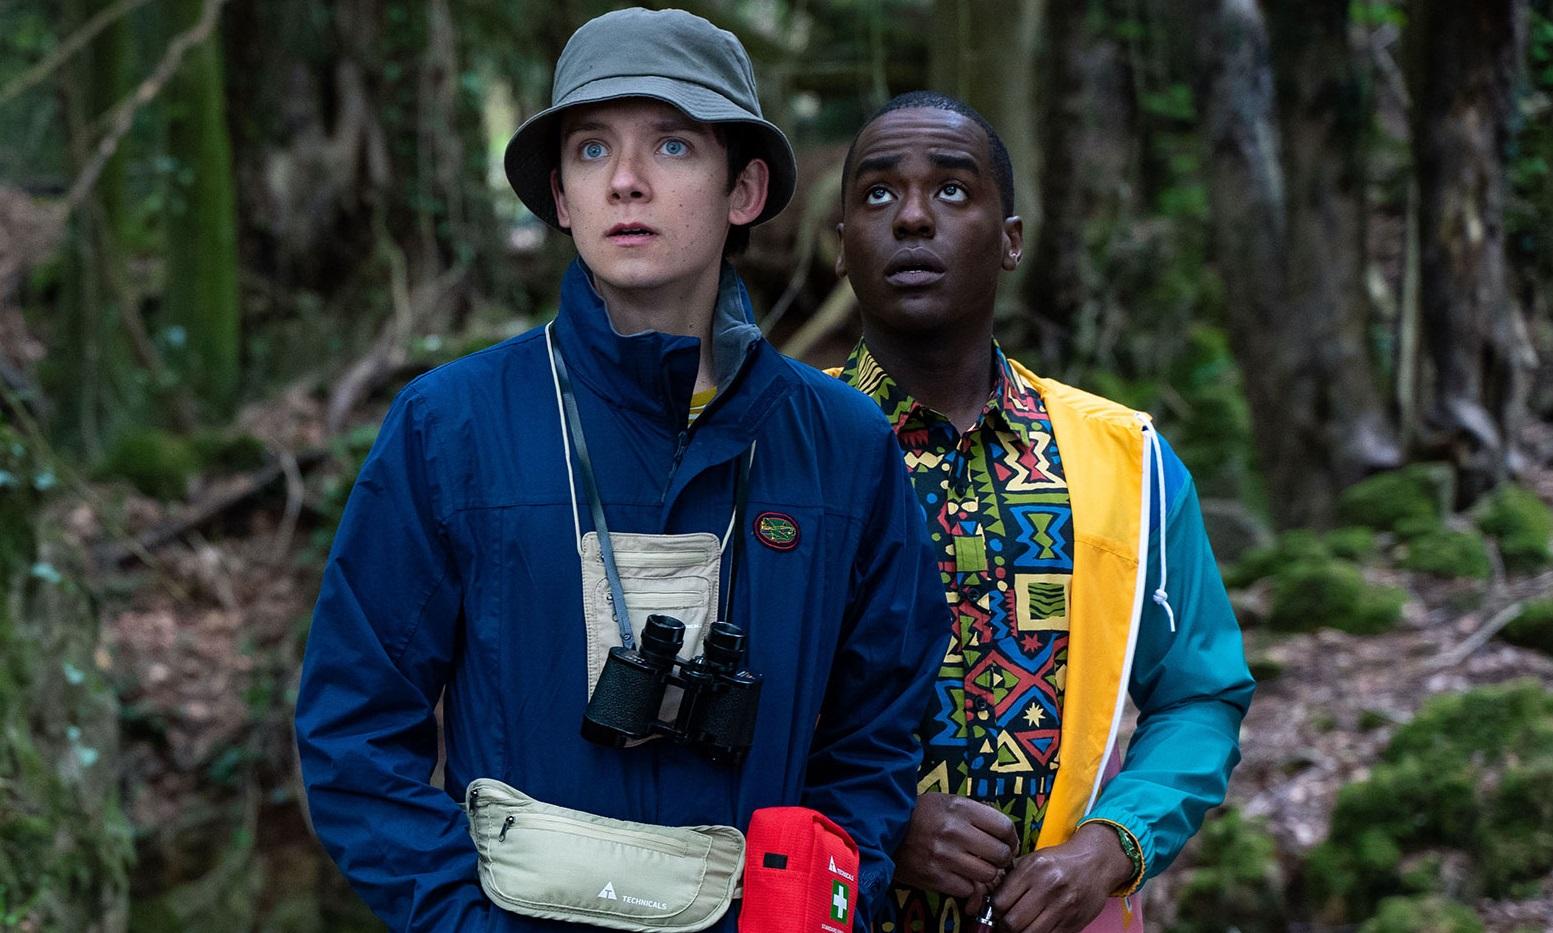 Representatividade importa: pesquisa da Netflix revela que brasileiros procuram se ver na tela